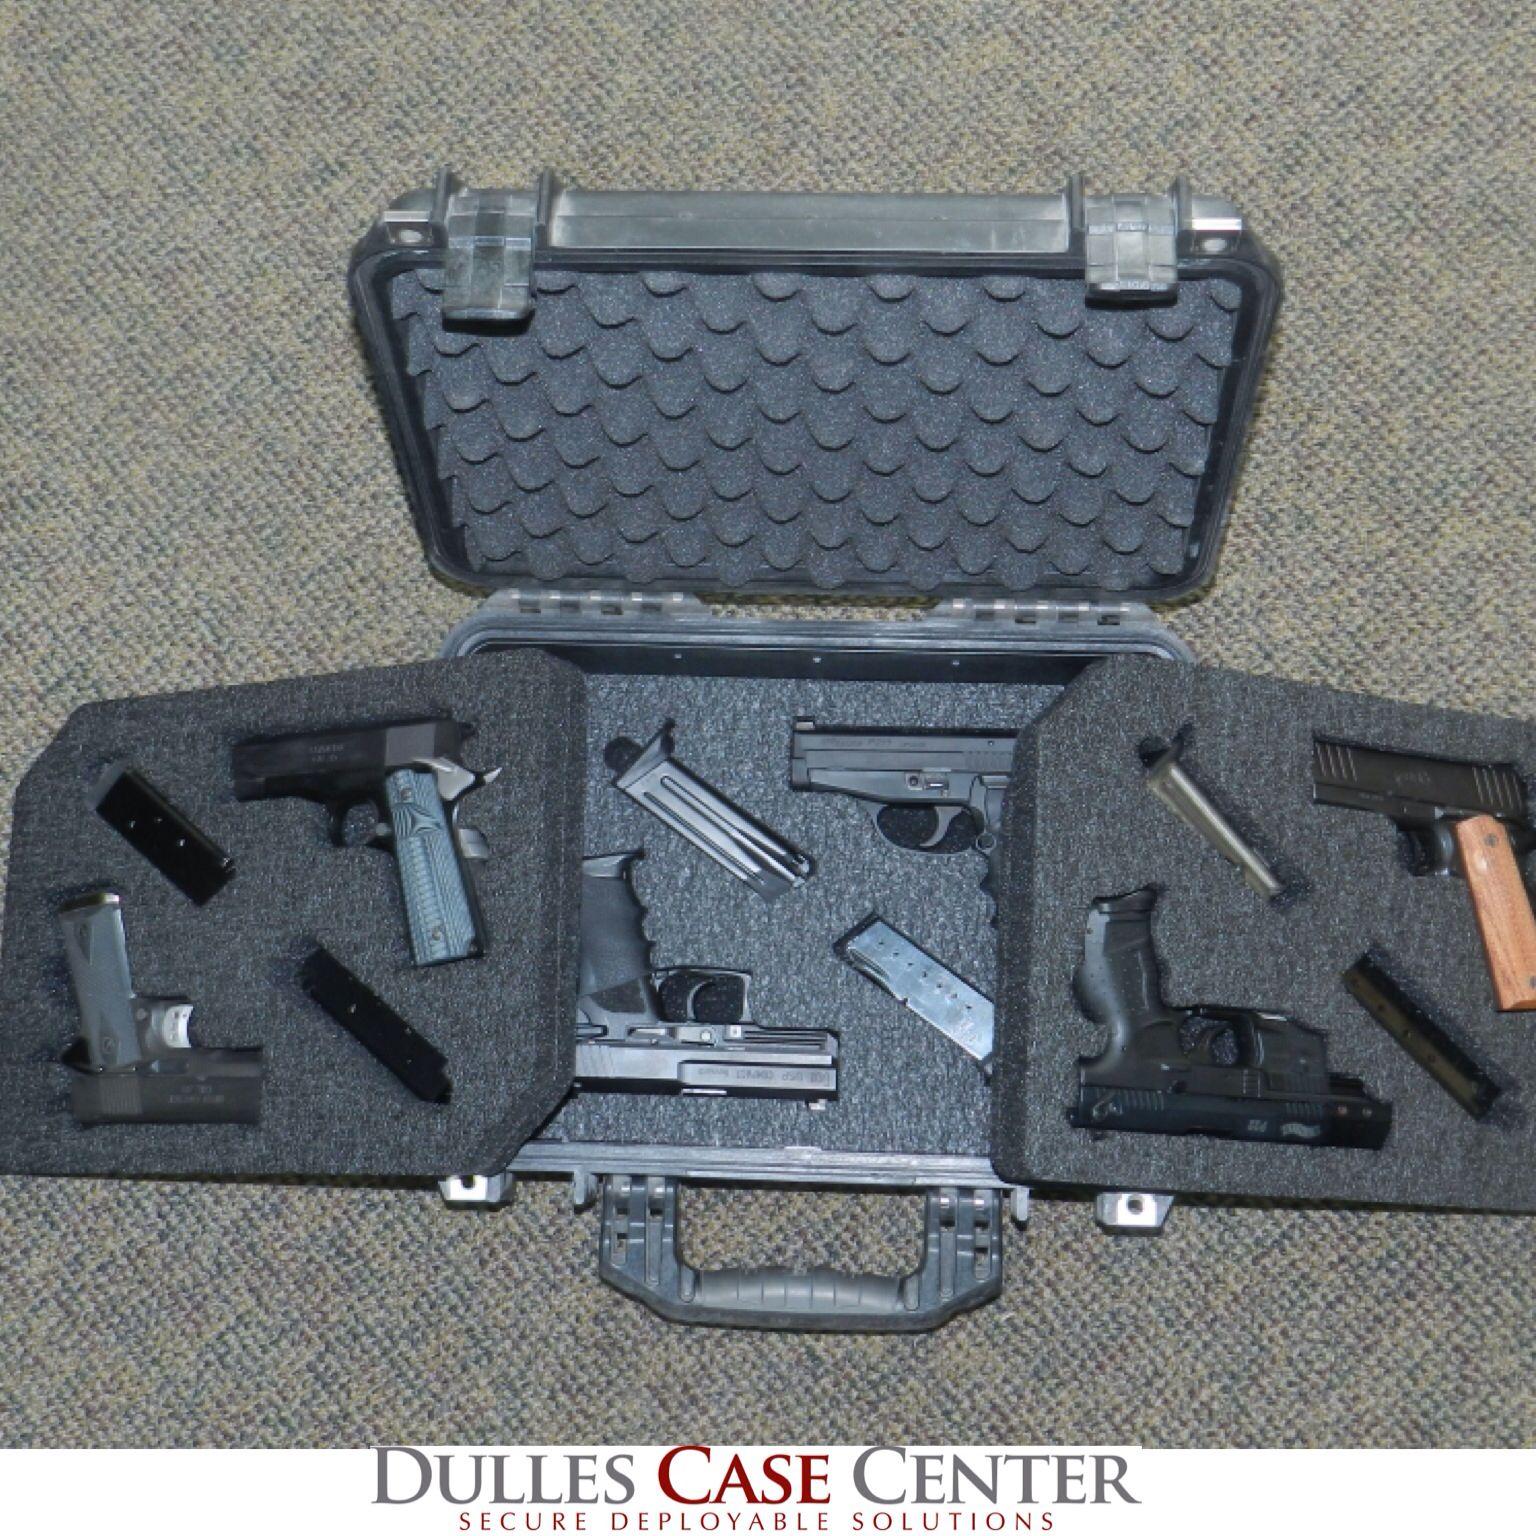 Custom Foam Custom Pistol Case A Pelican 1450 with 3 foam